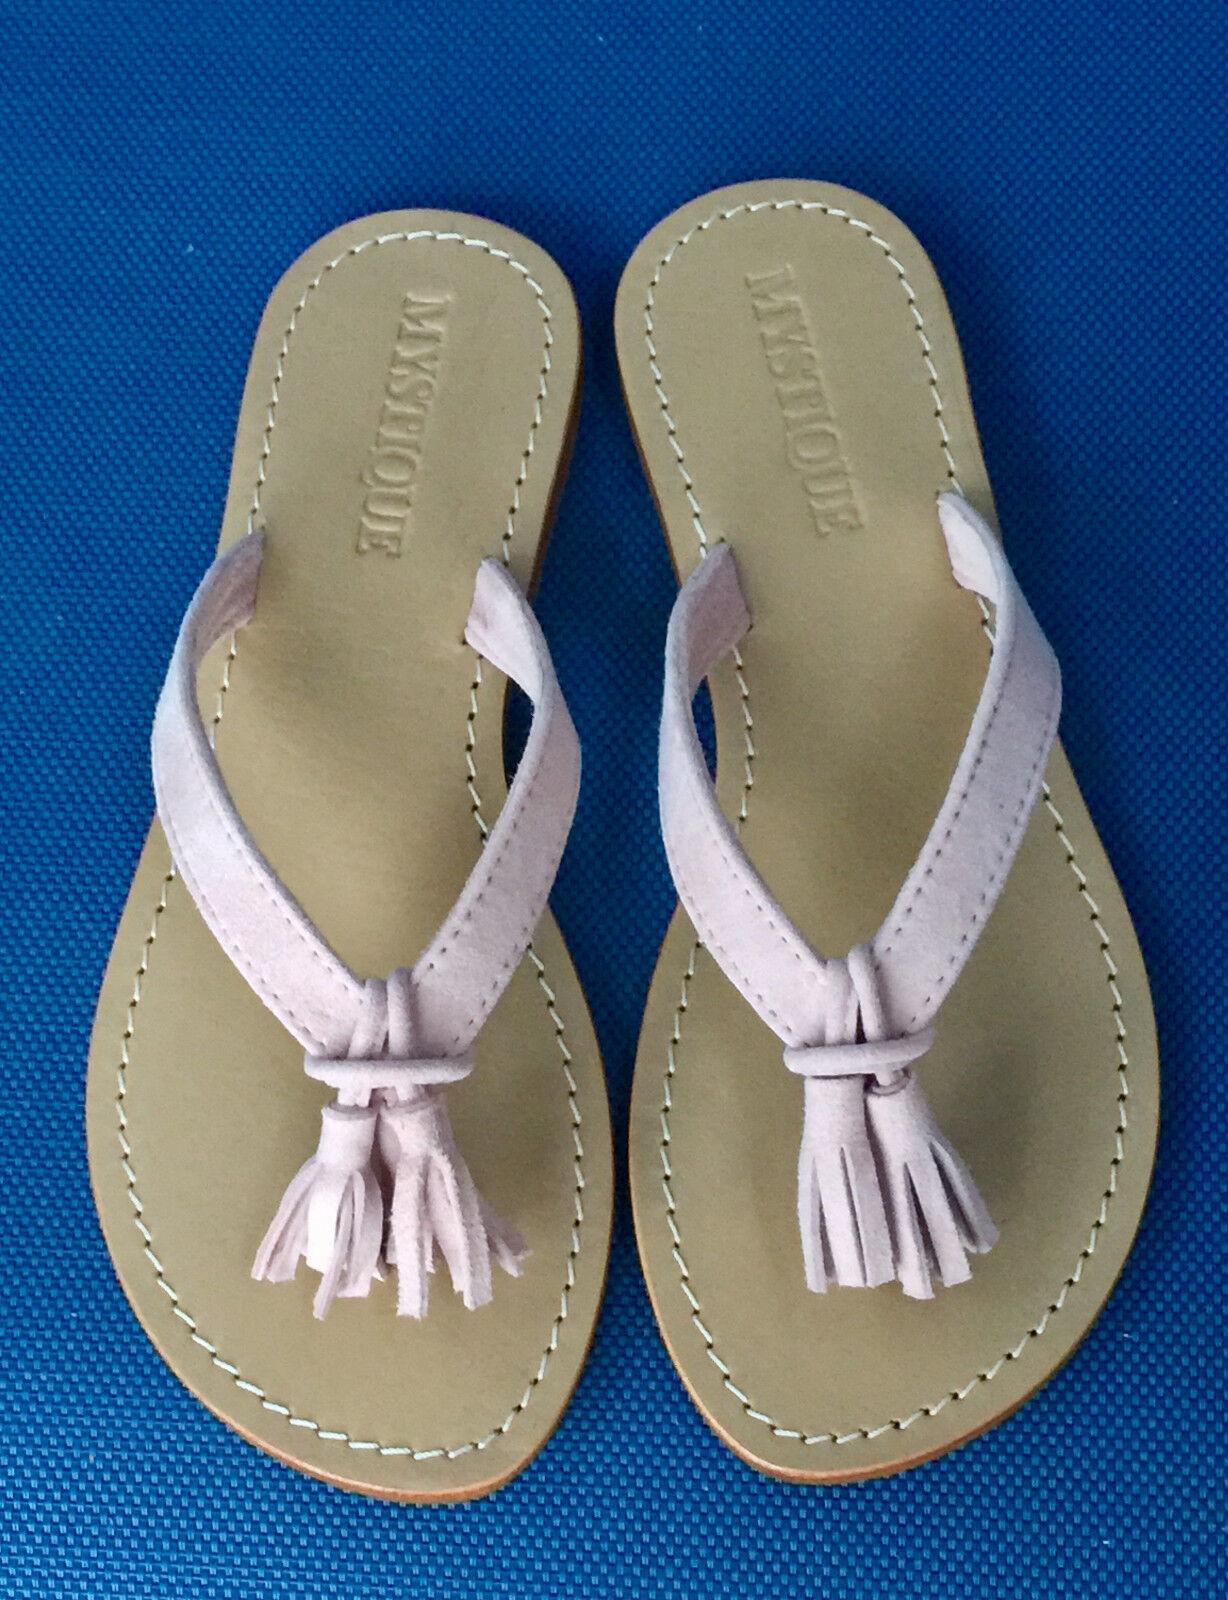 MYSTIQUE Tassel Fringe Suede Leather Thong Sandals Flip Flops  138 PINK NEW 7